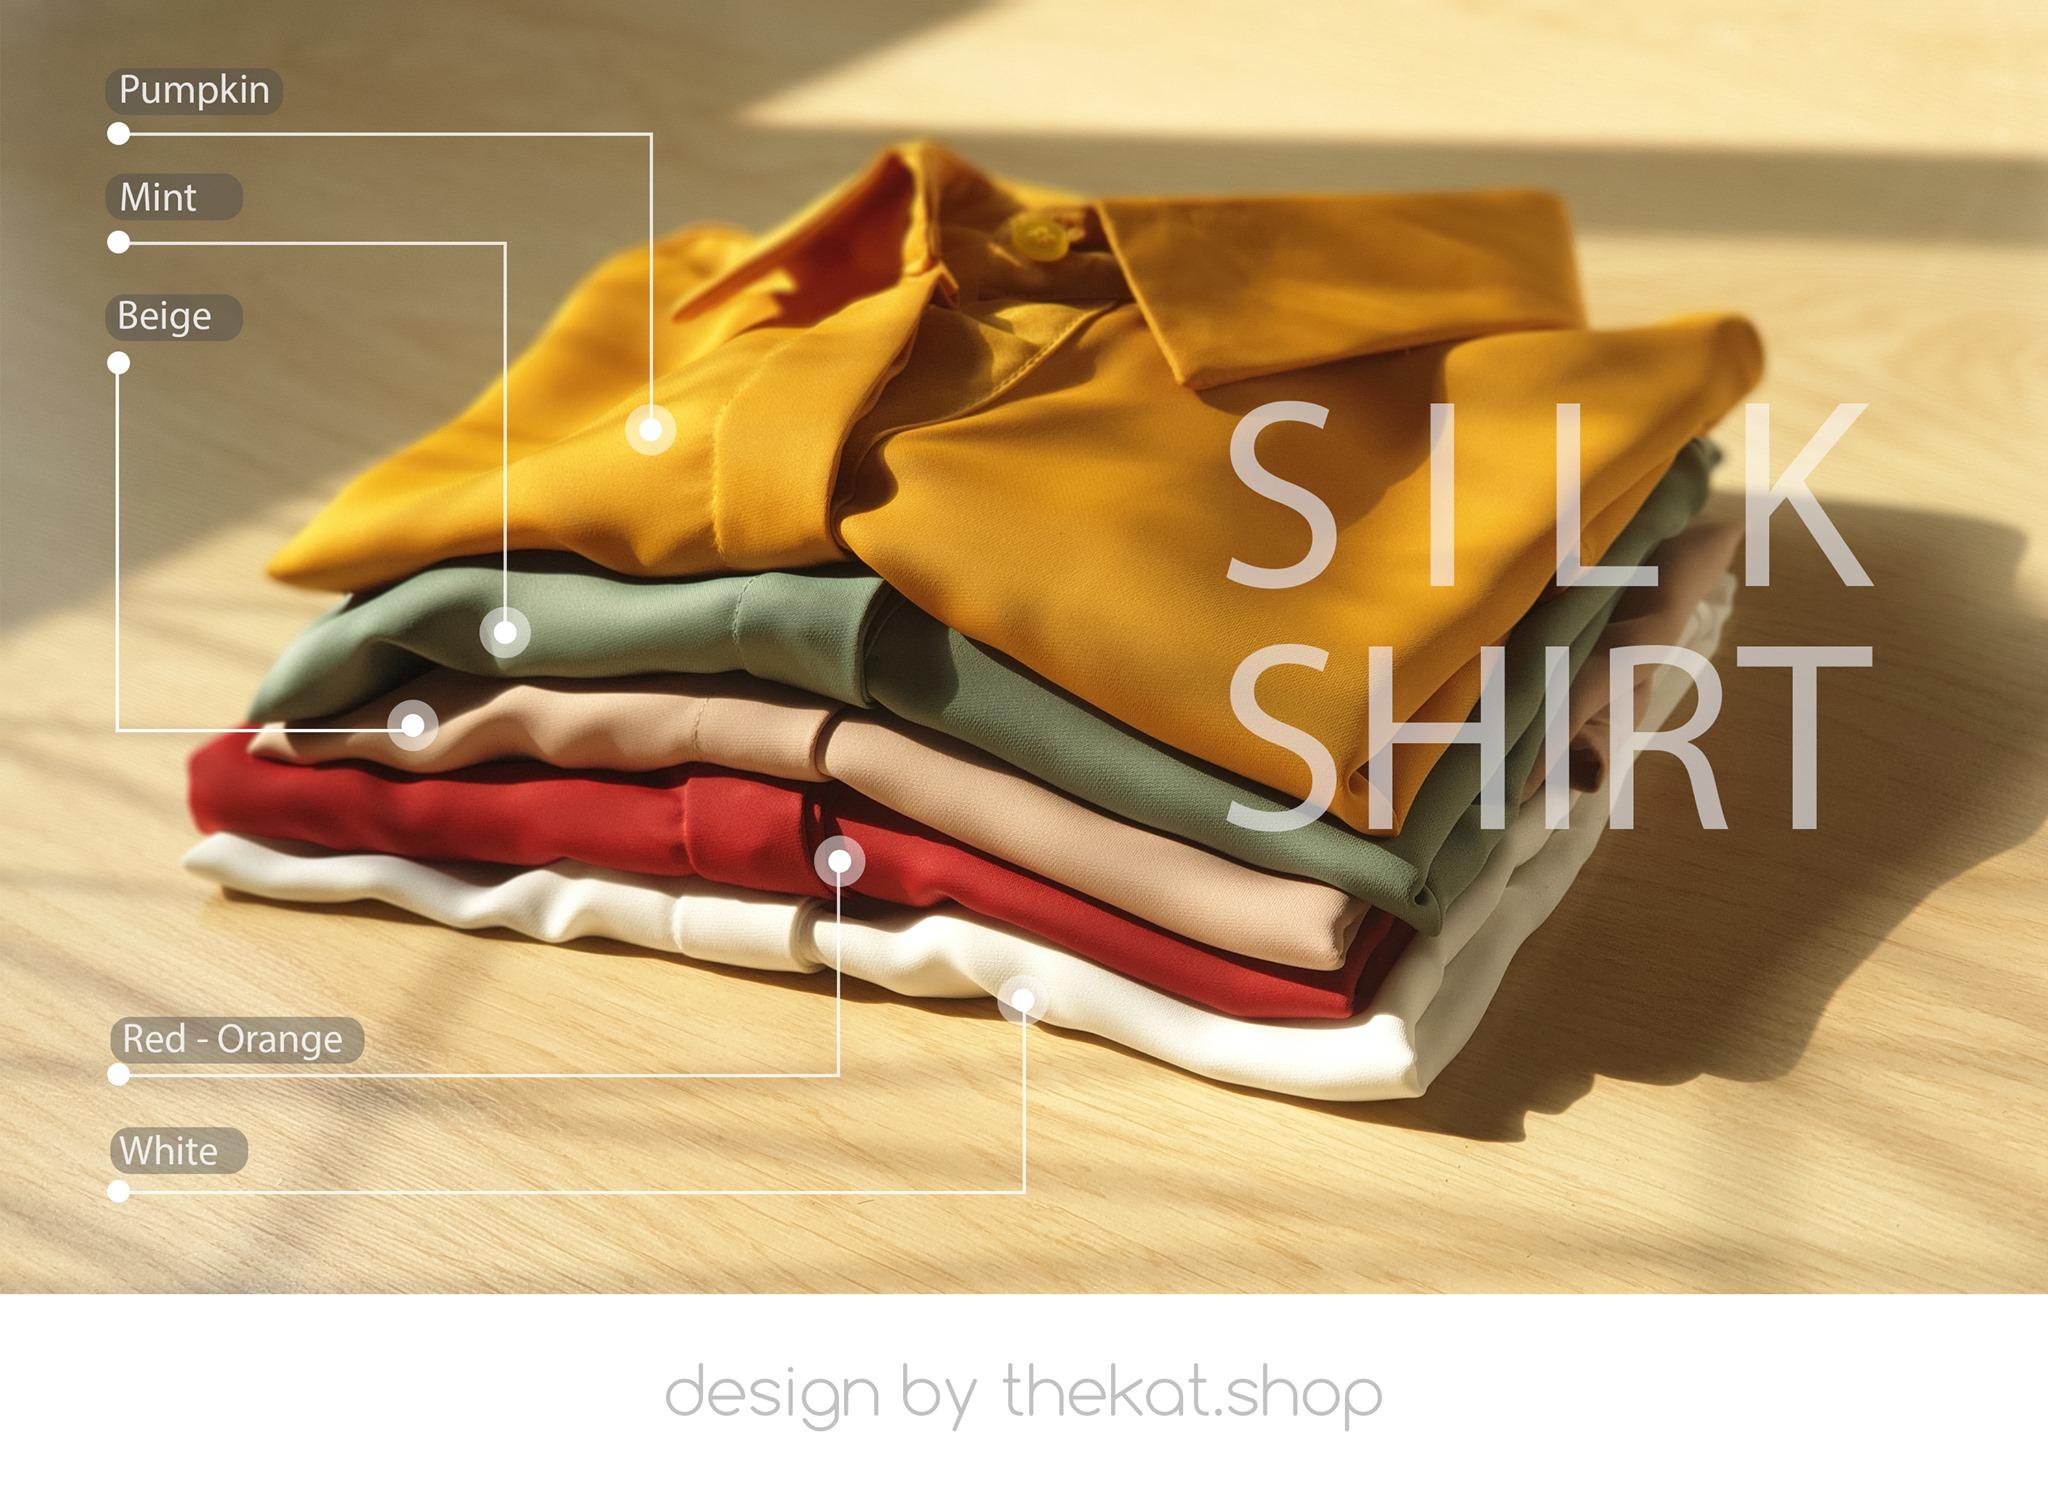 Chất vải mềm, mịn, mát, mượt và cực kỳ ít nhăn